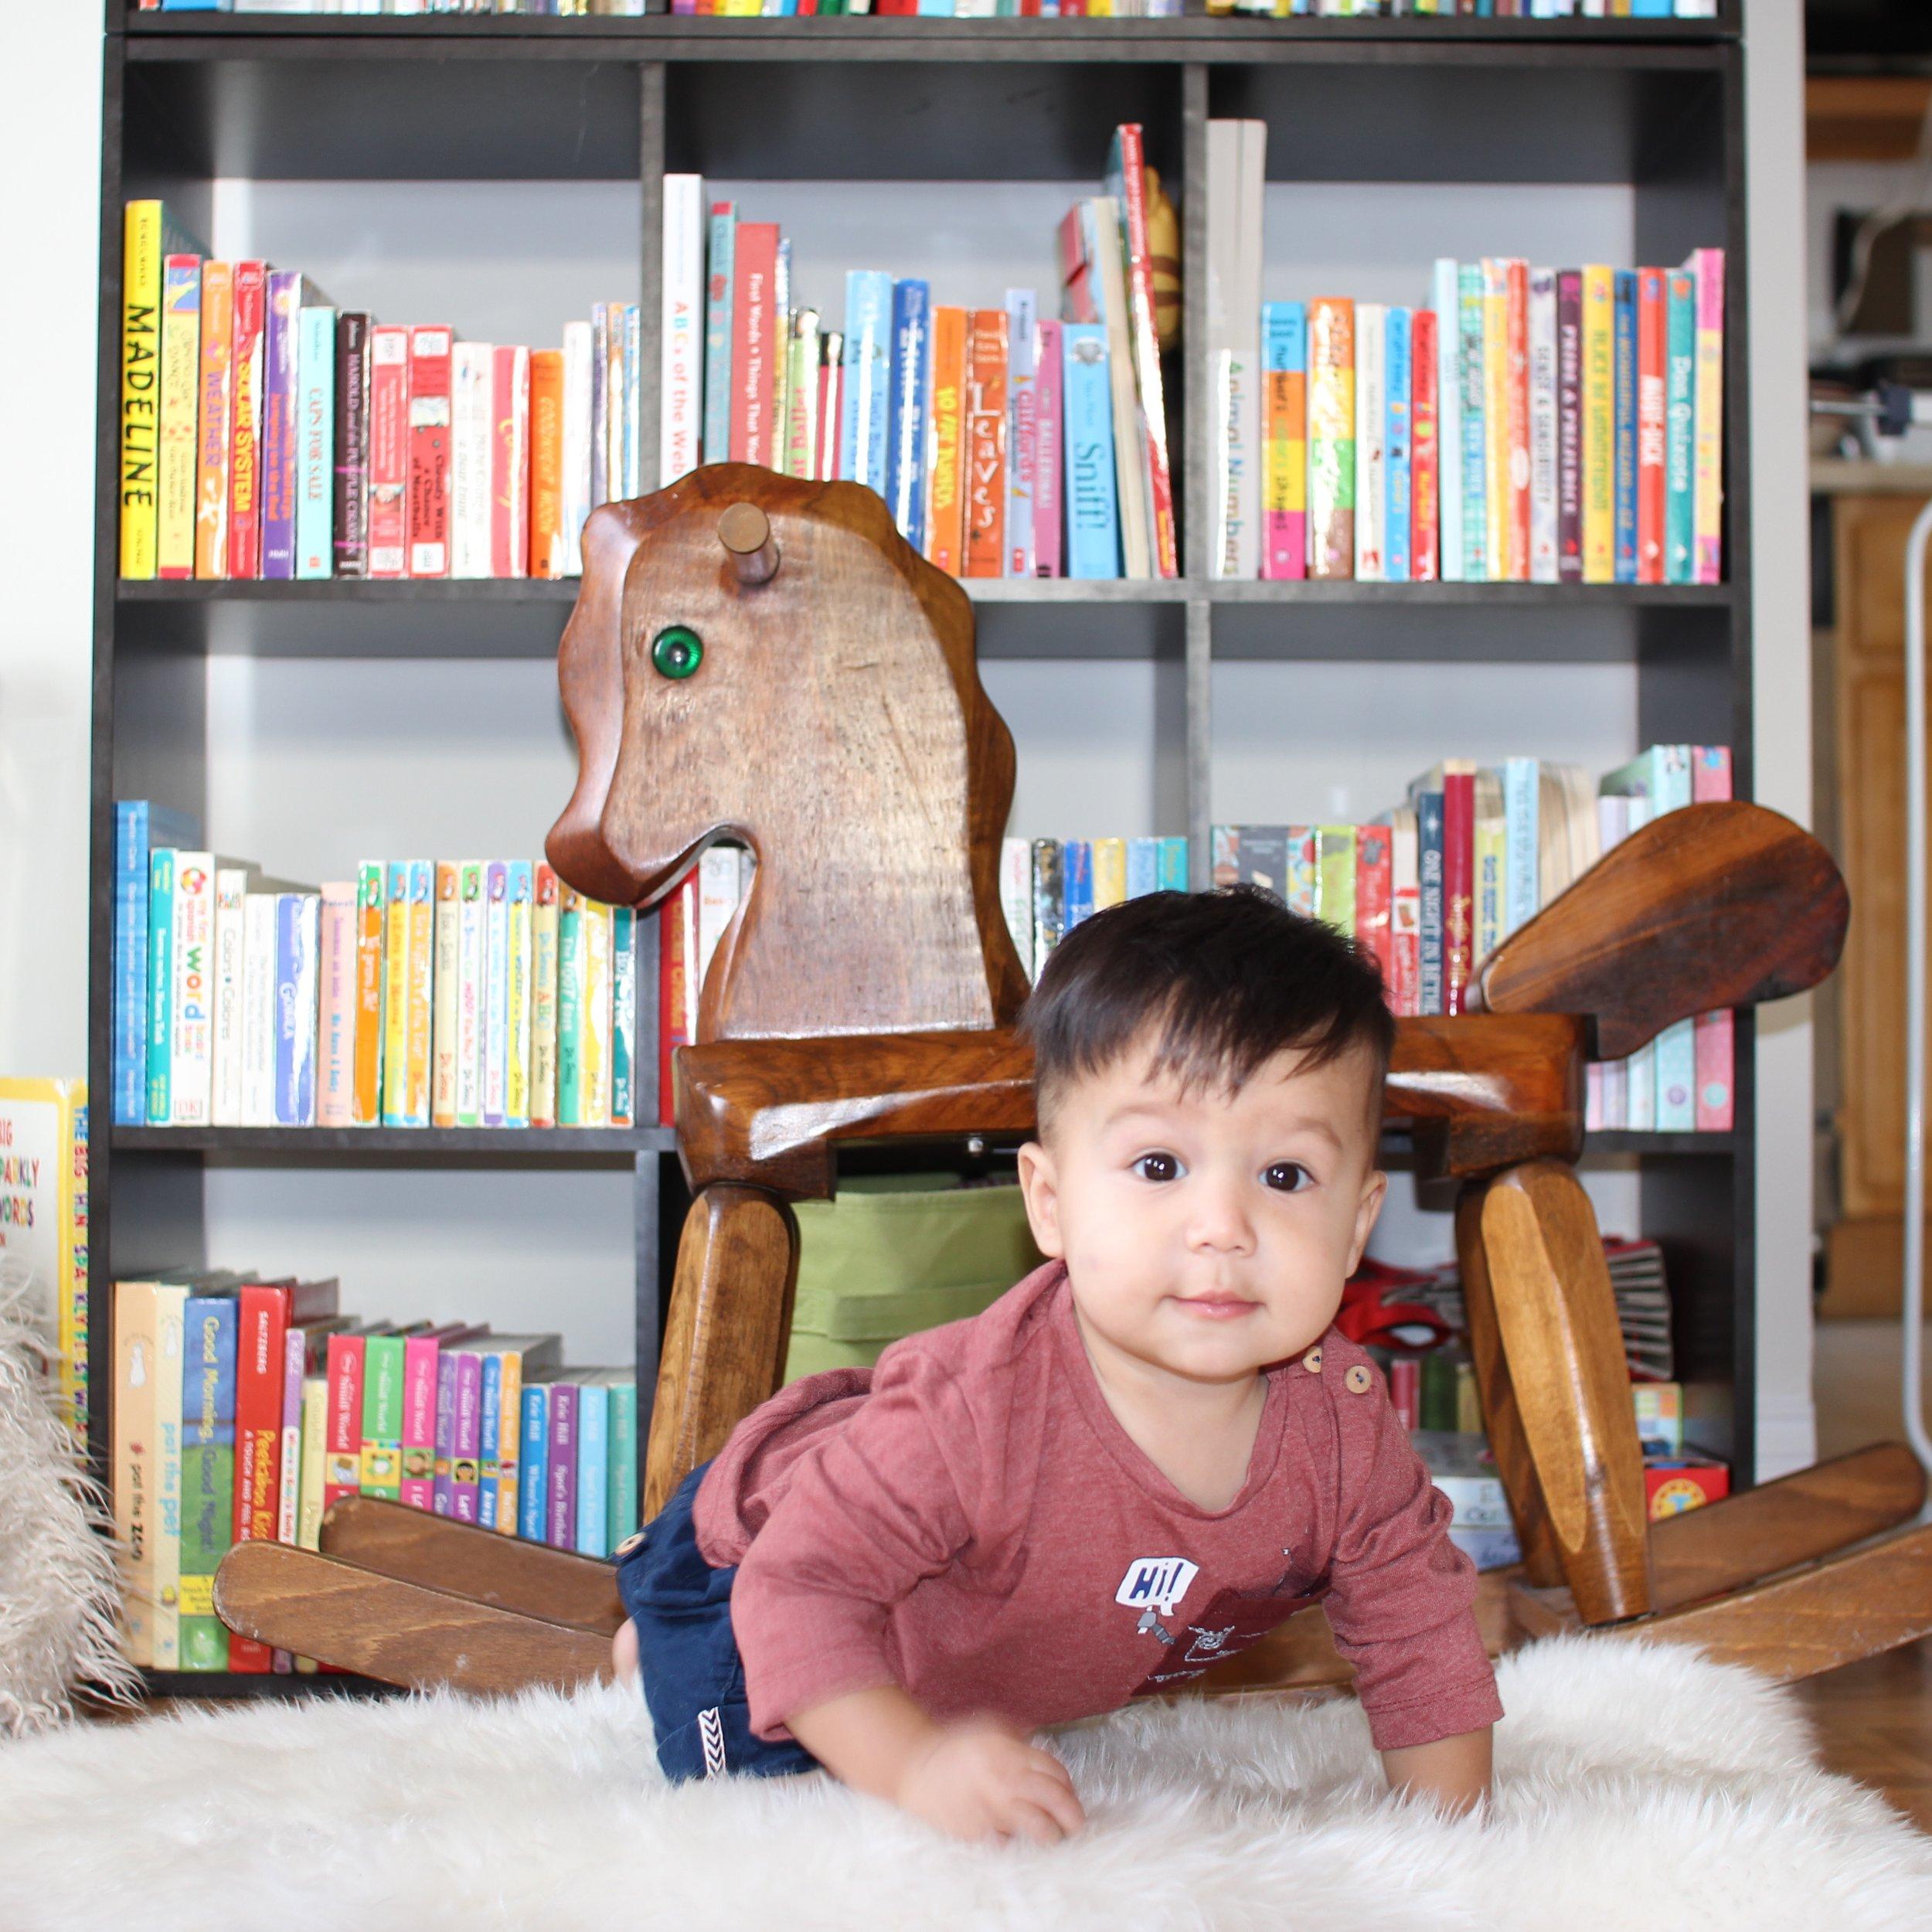 48 weeks old